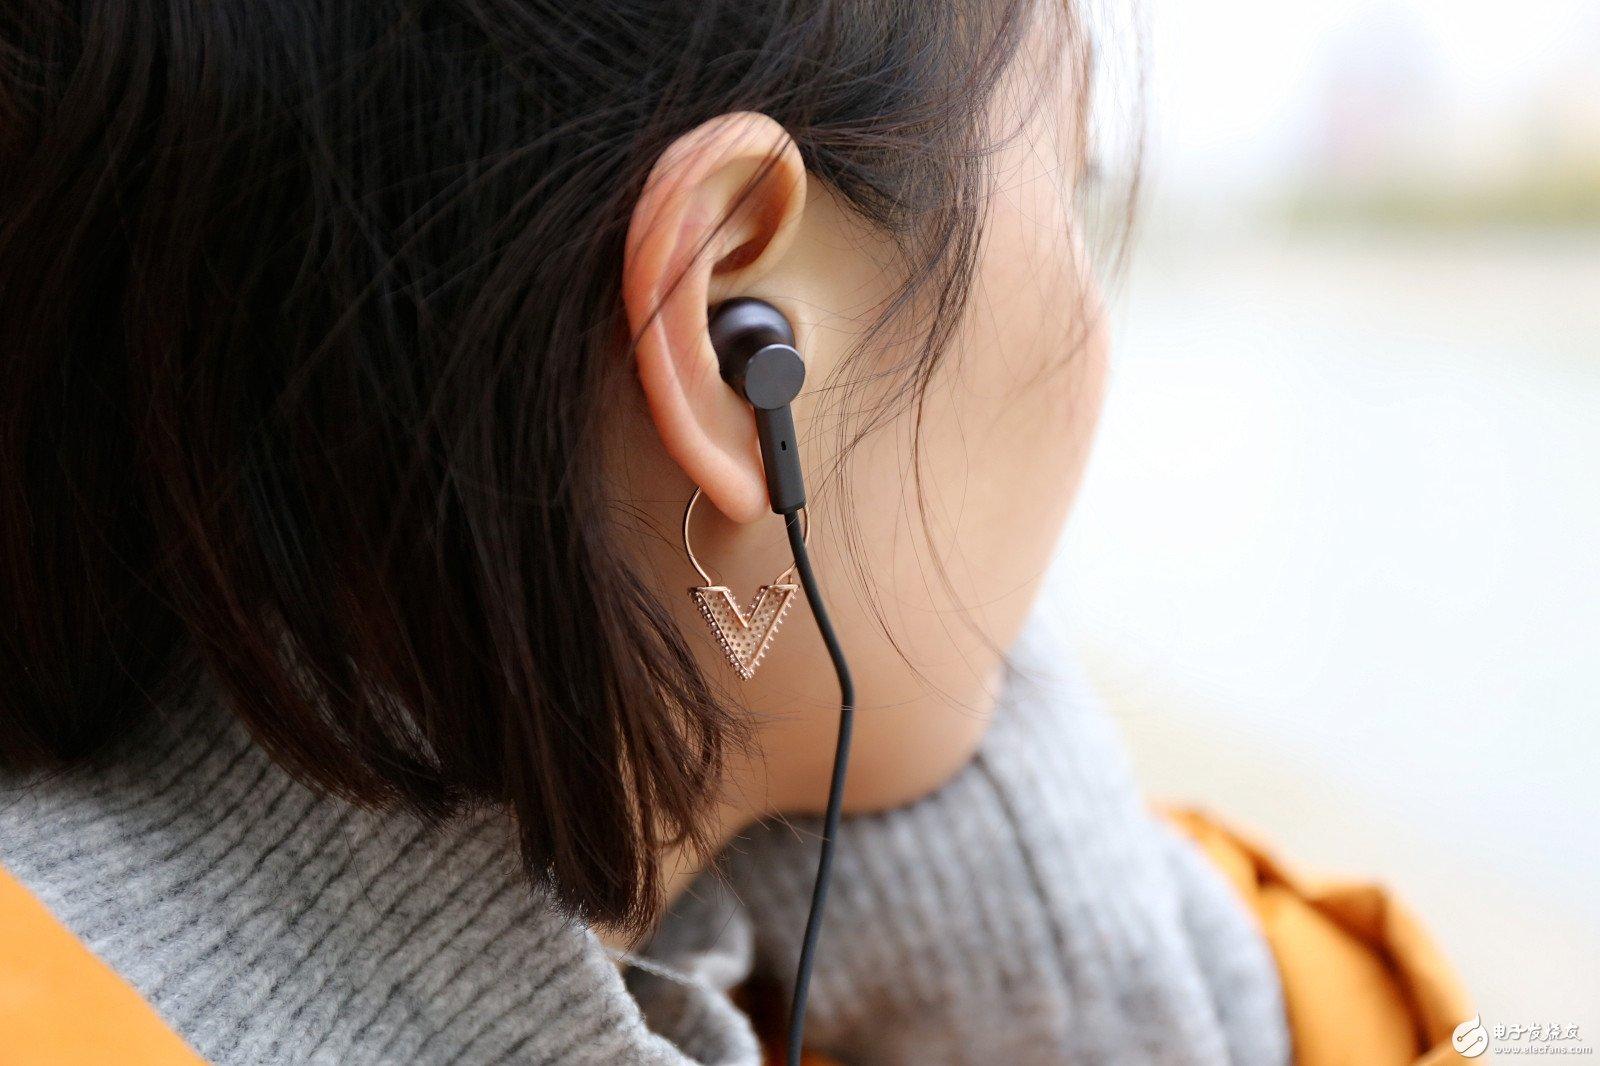 上万元的耳机到底贵在哪里